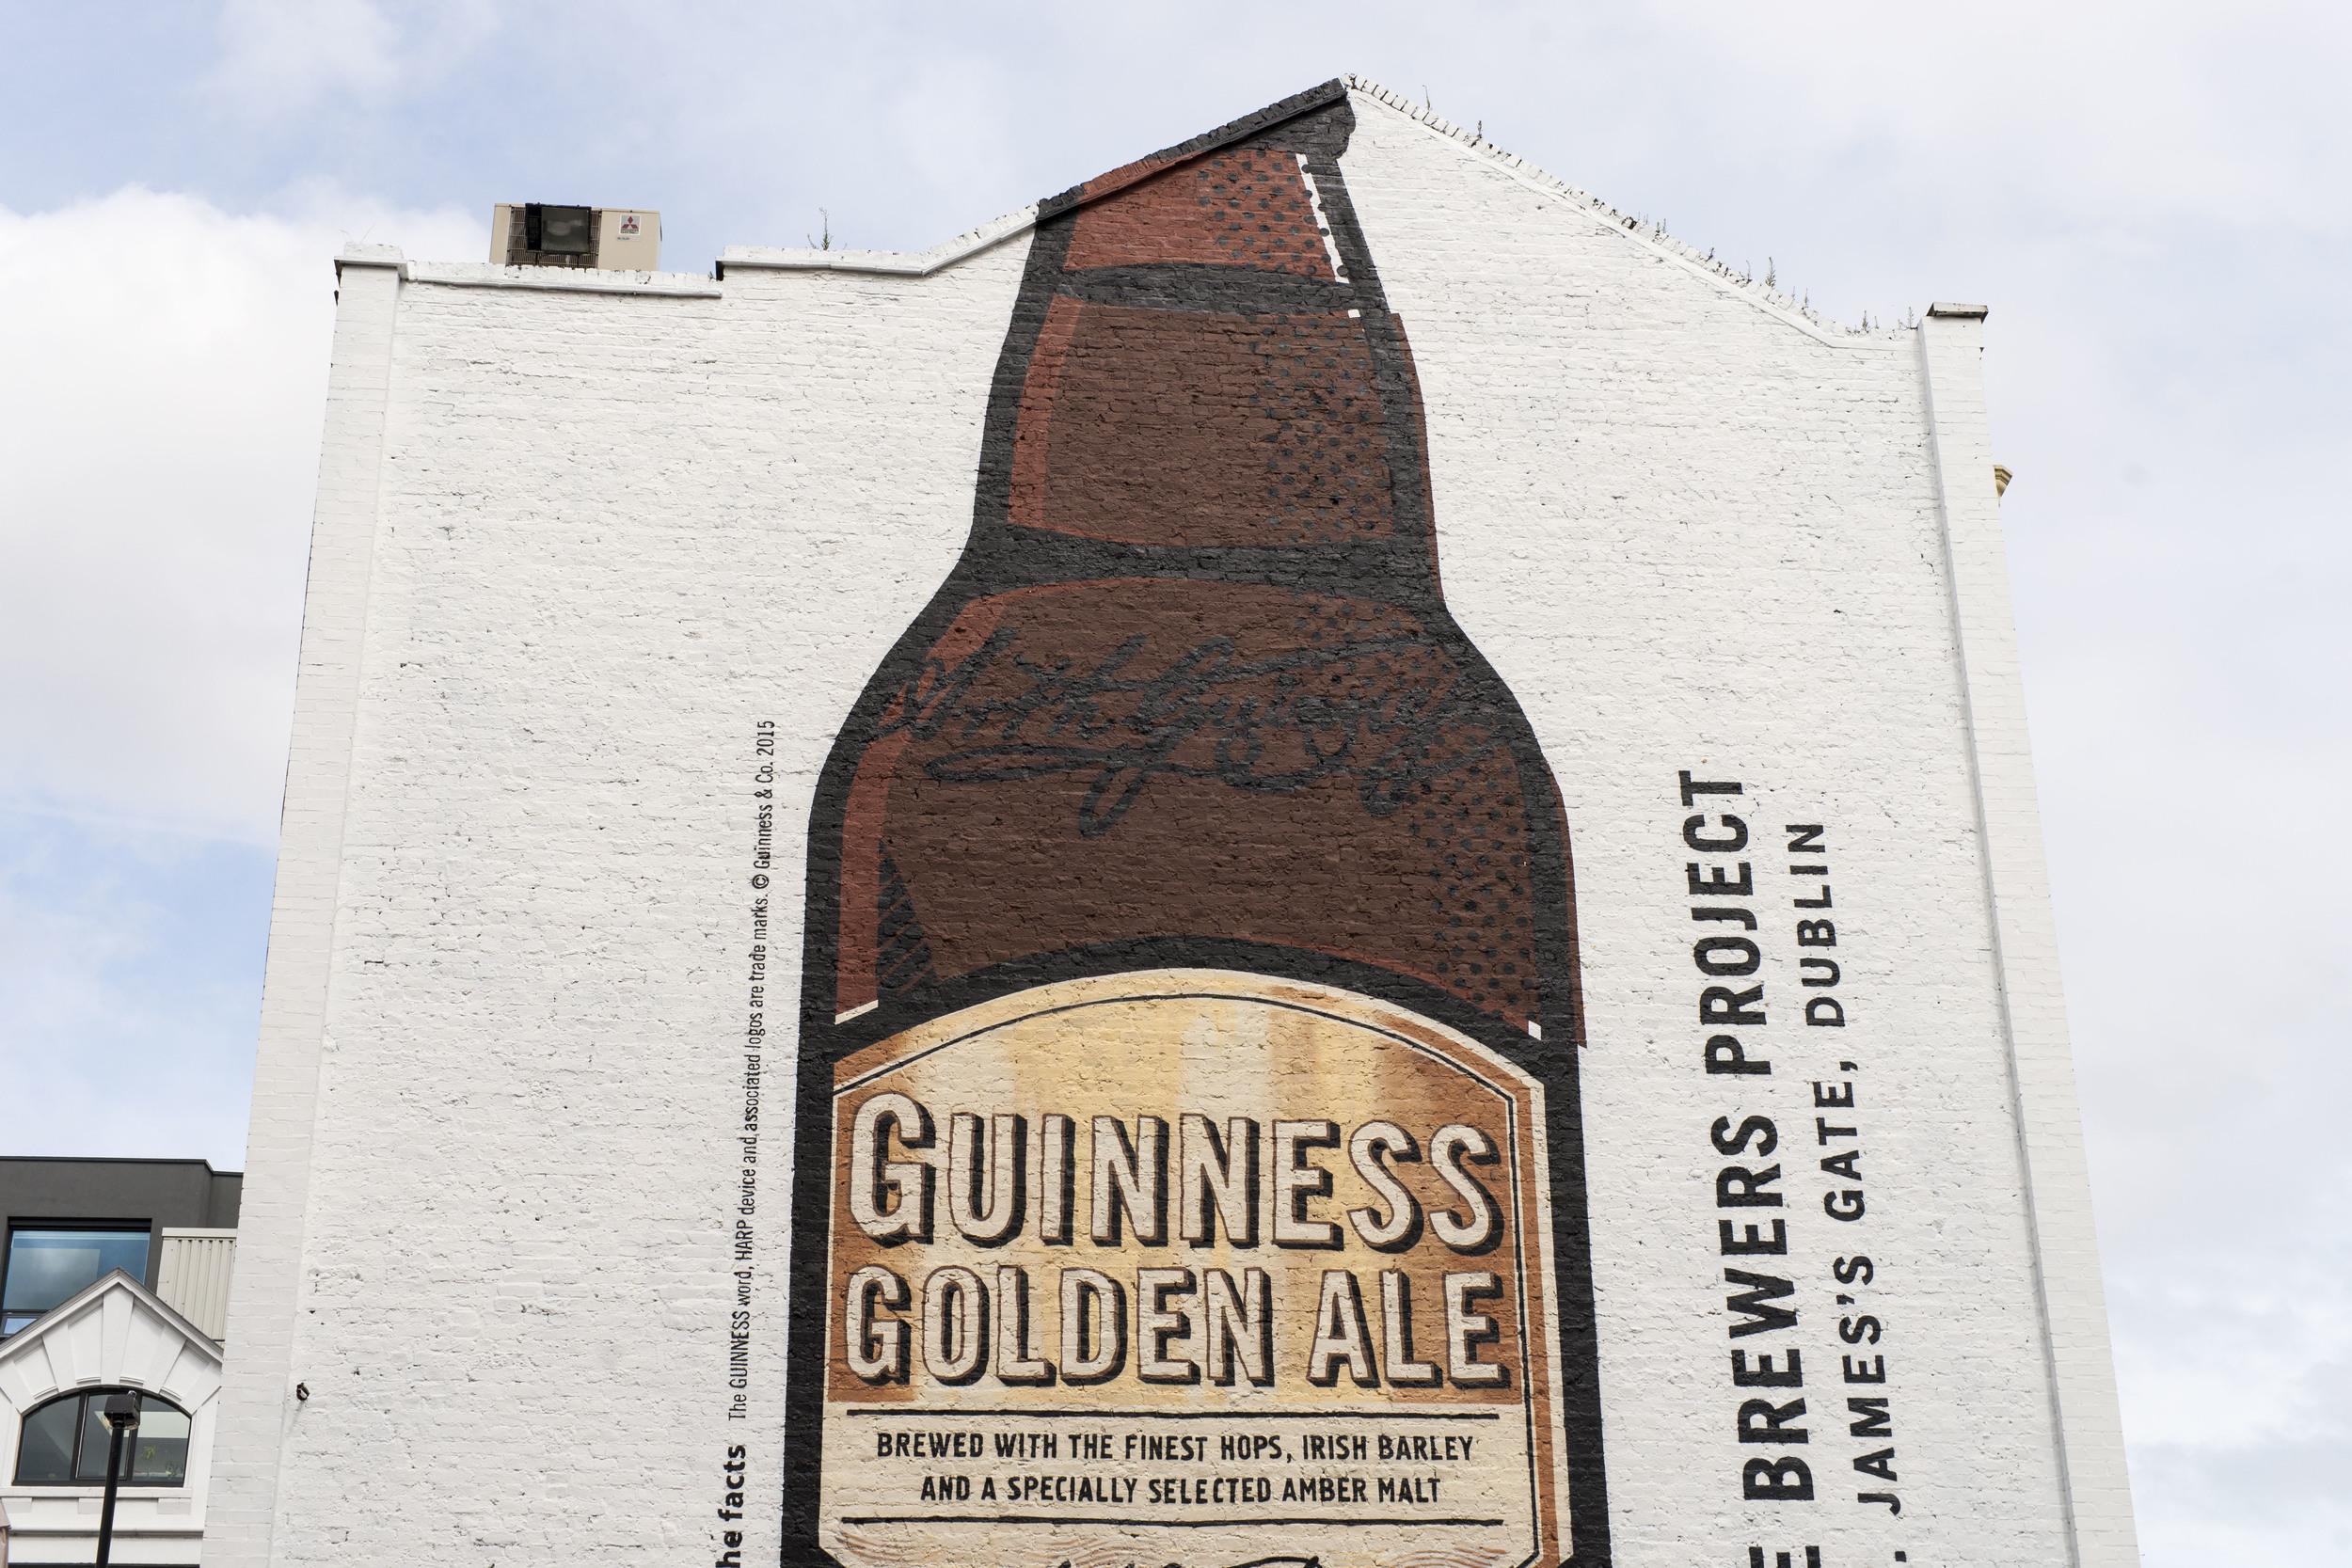 GUINNESS - GOLDEN ALE